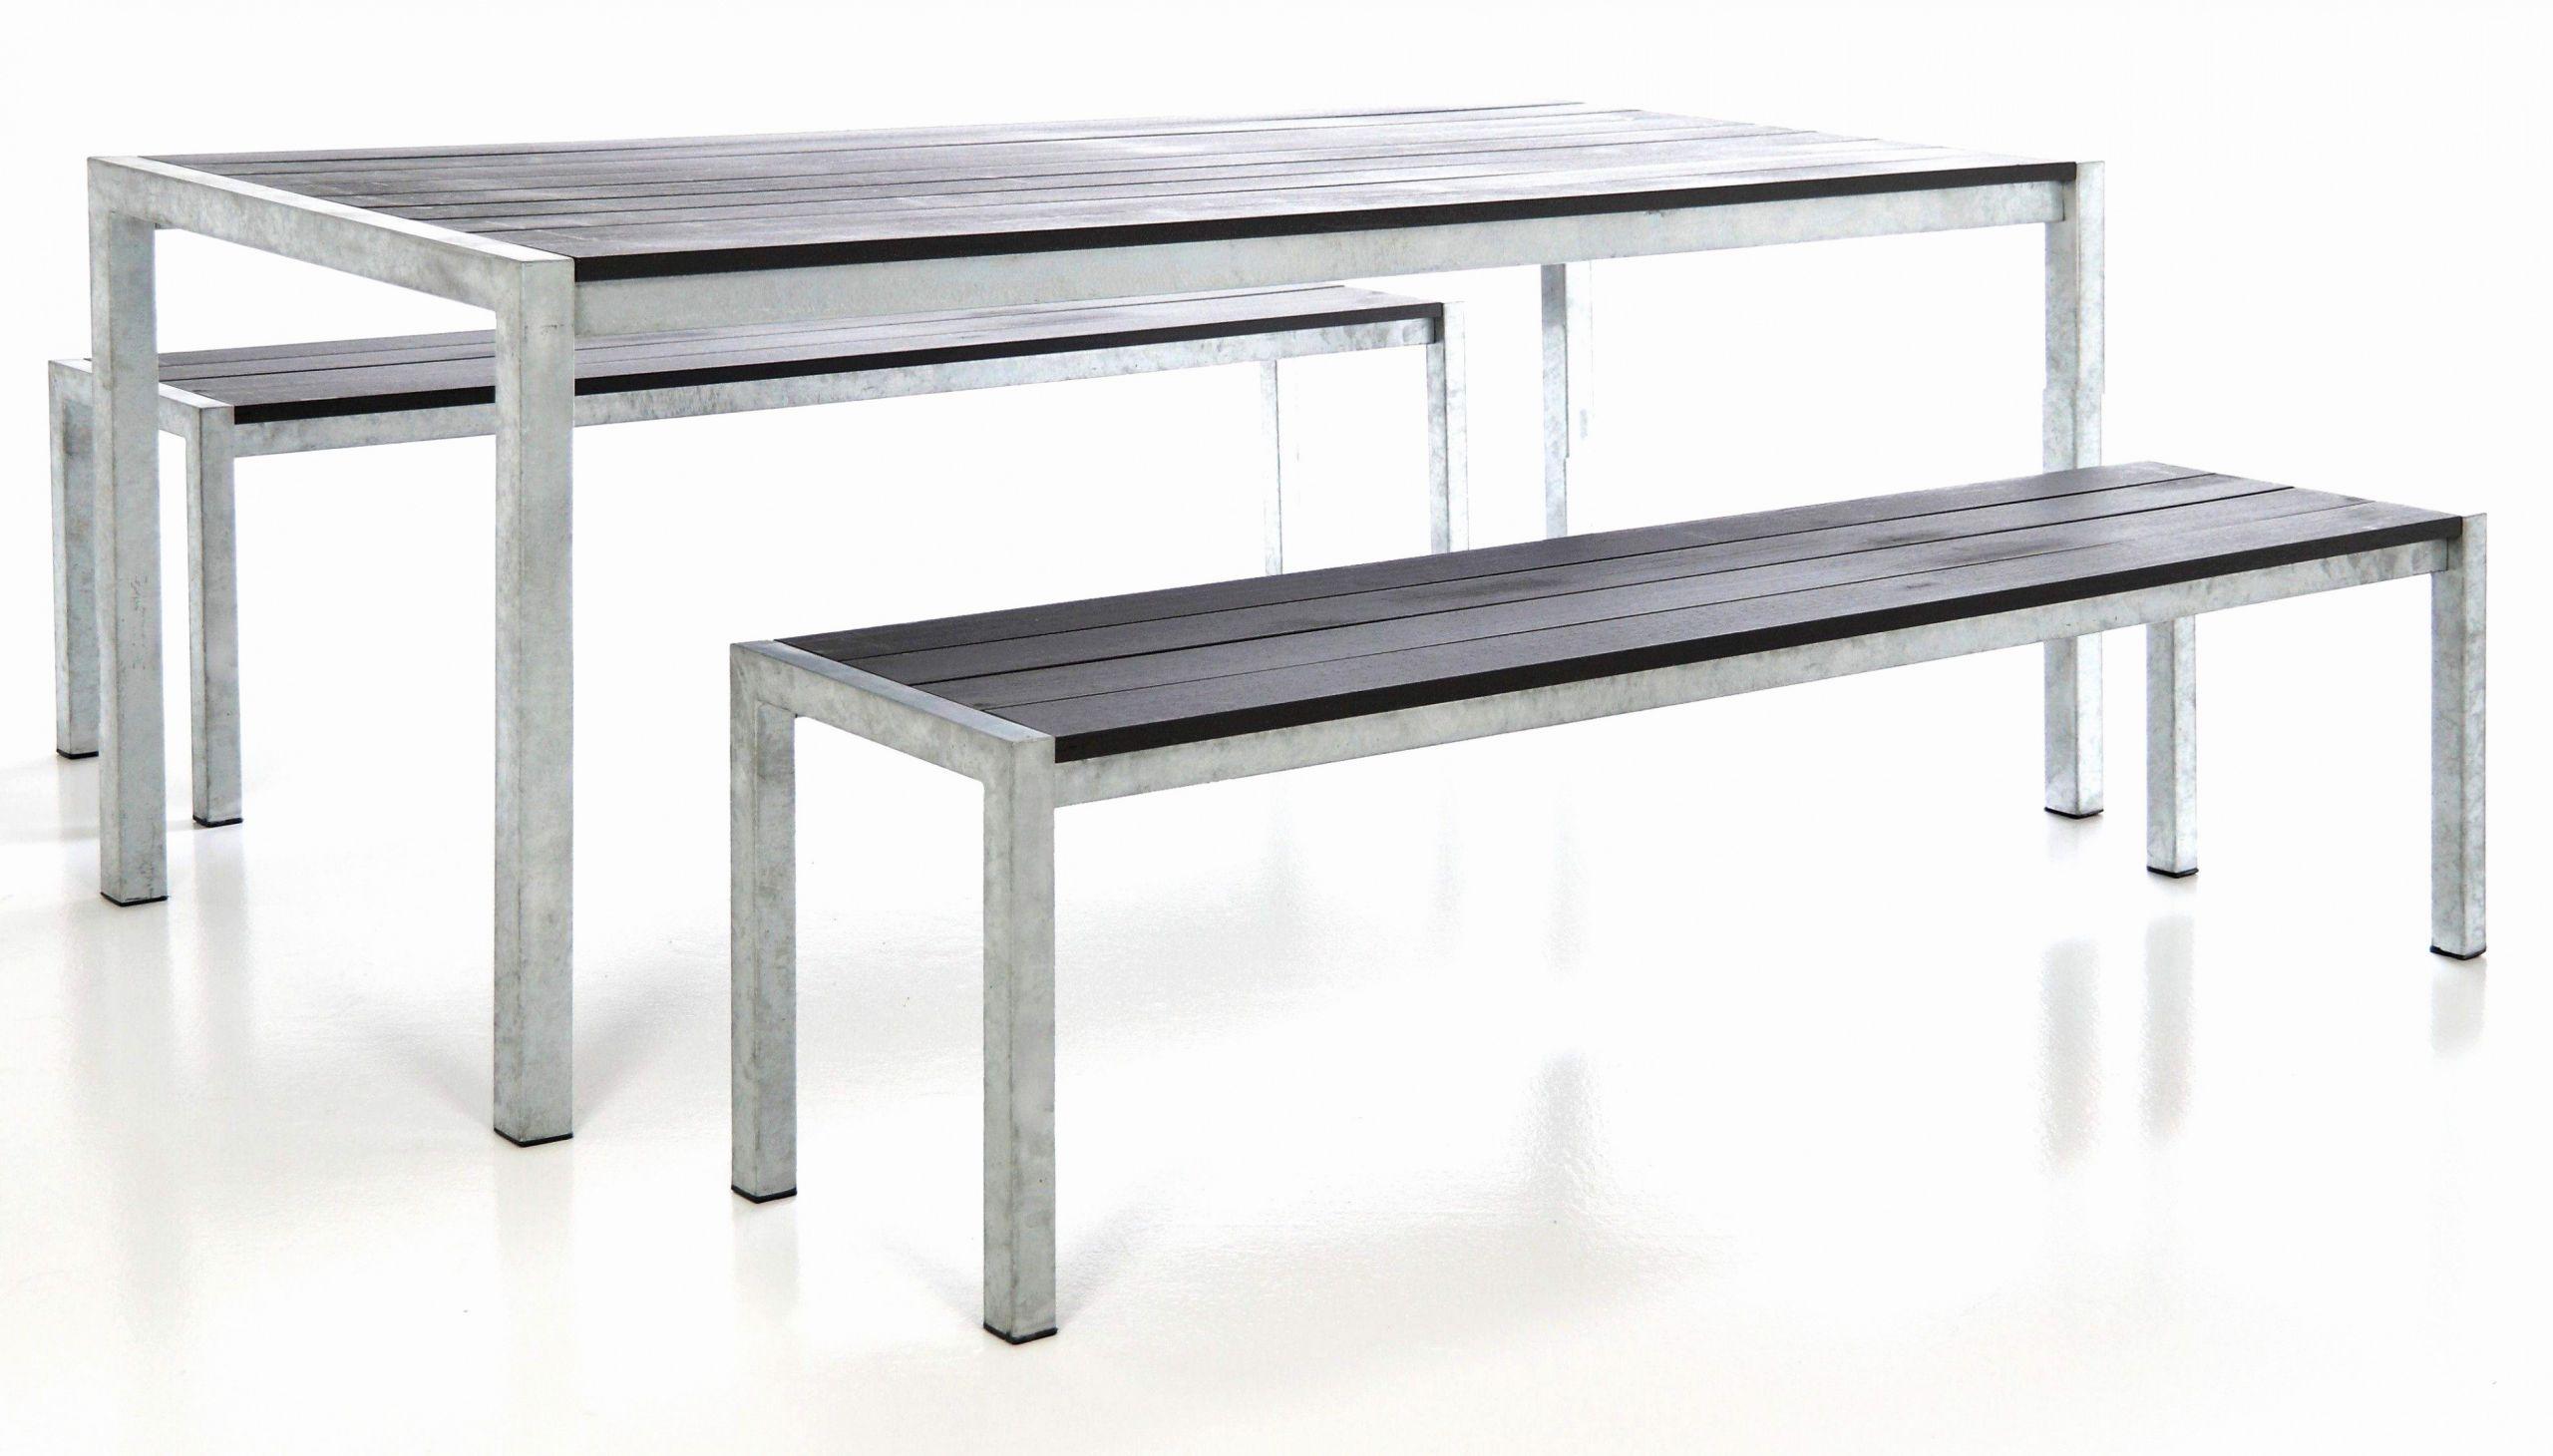 meuble bois et fer sove meuble en fer et bois sovedis aquatabs of meuble bois et fer